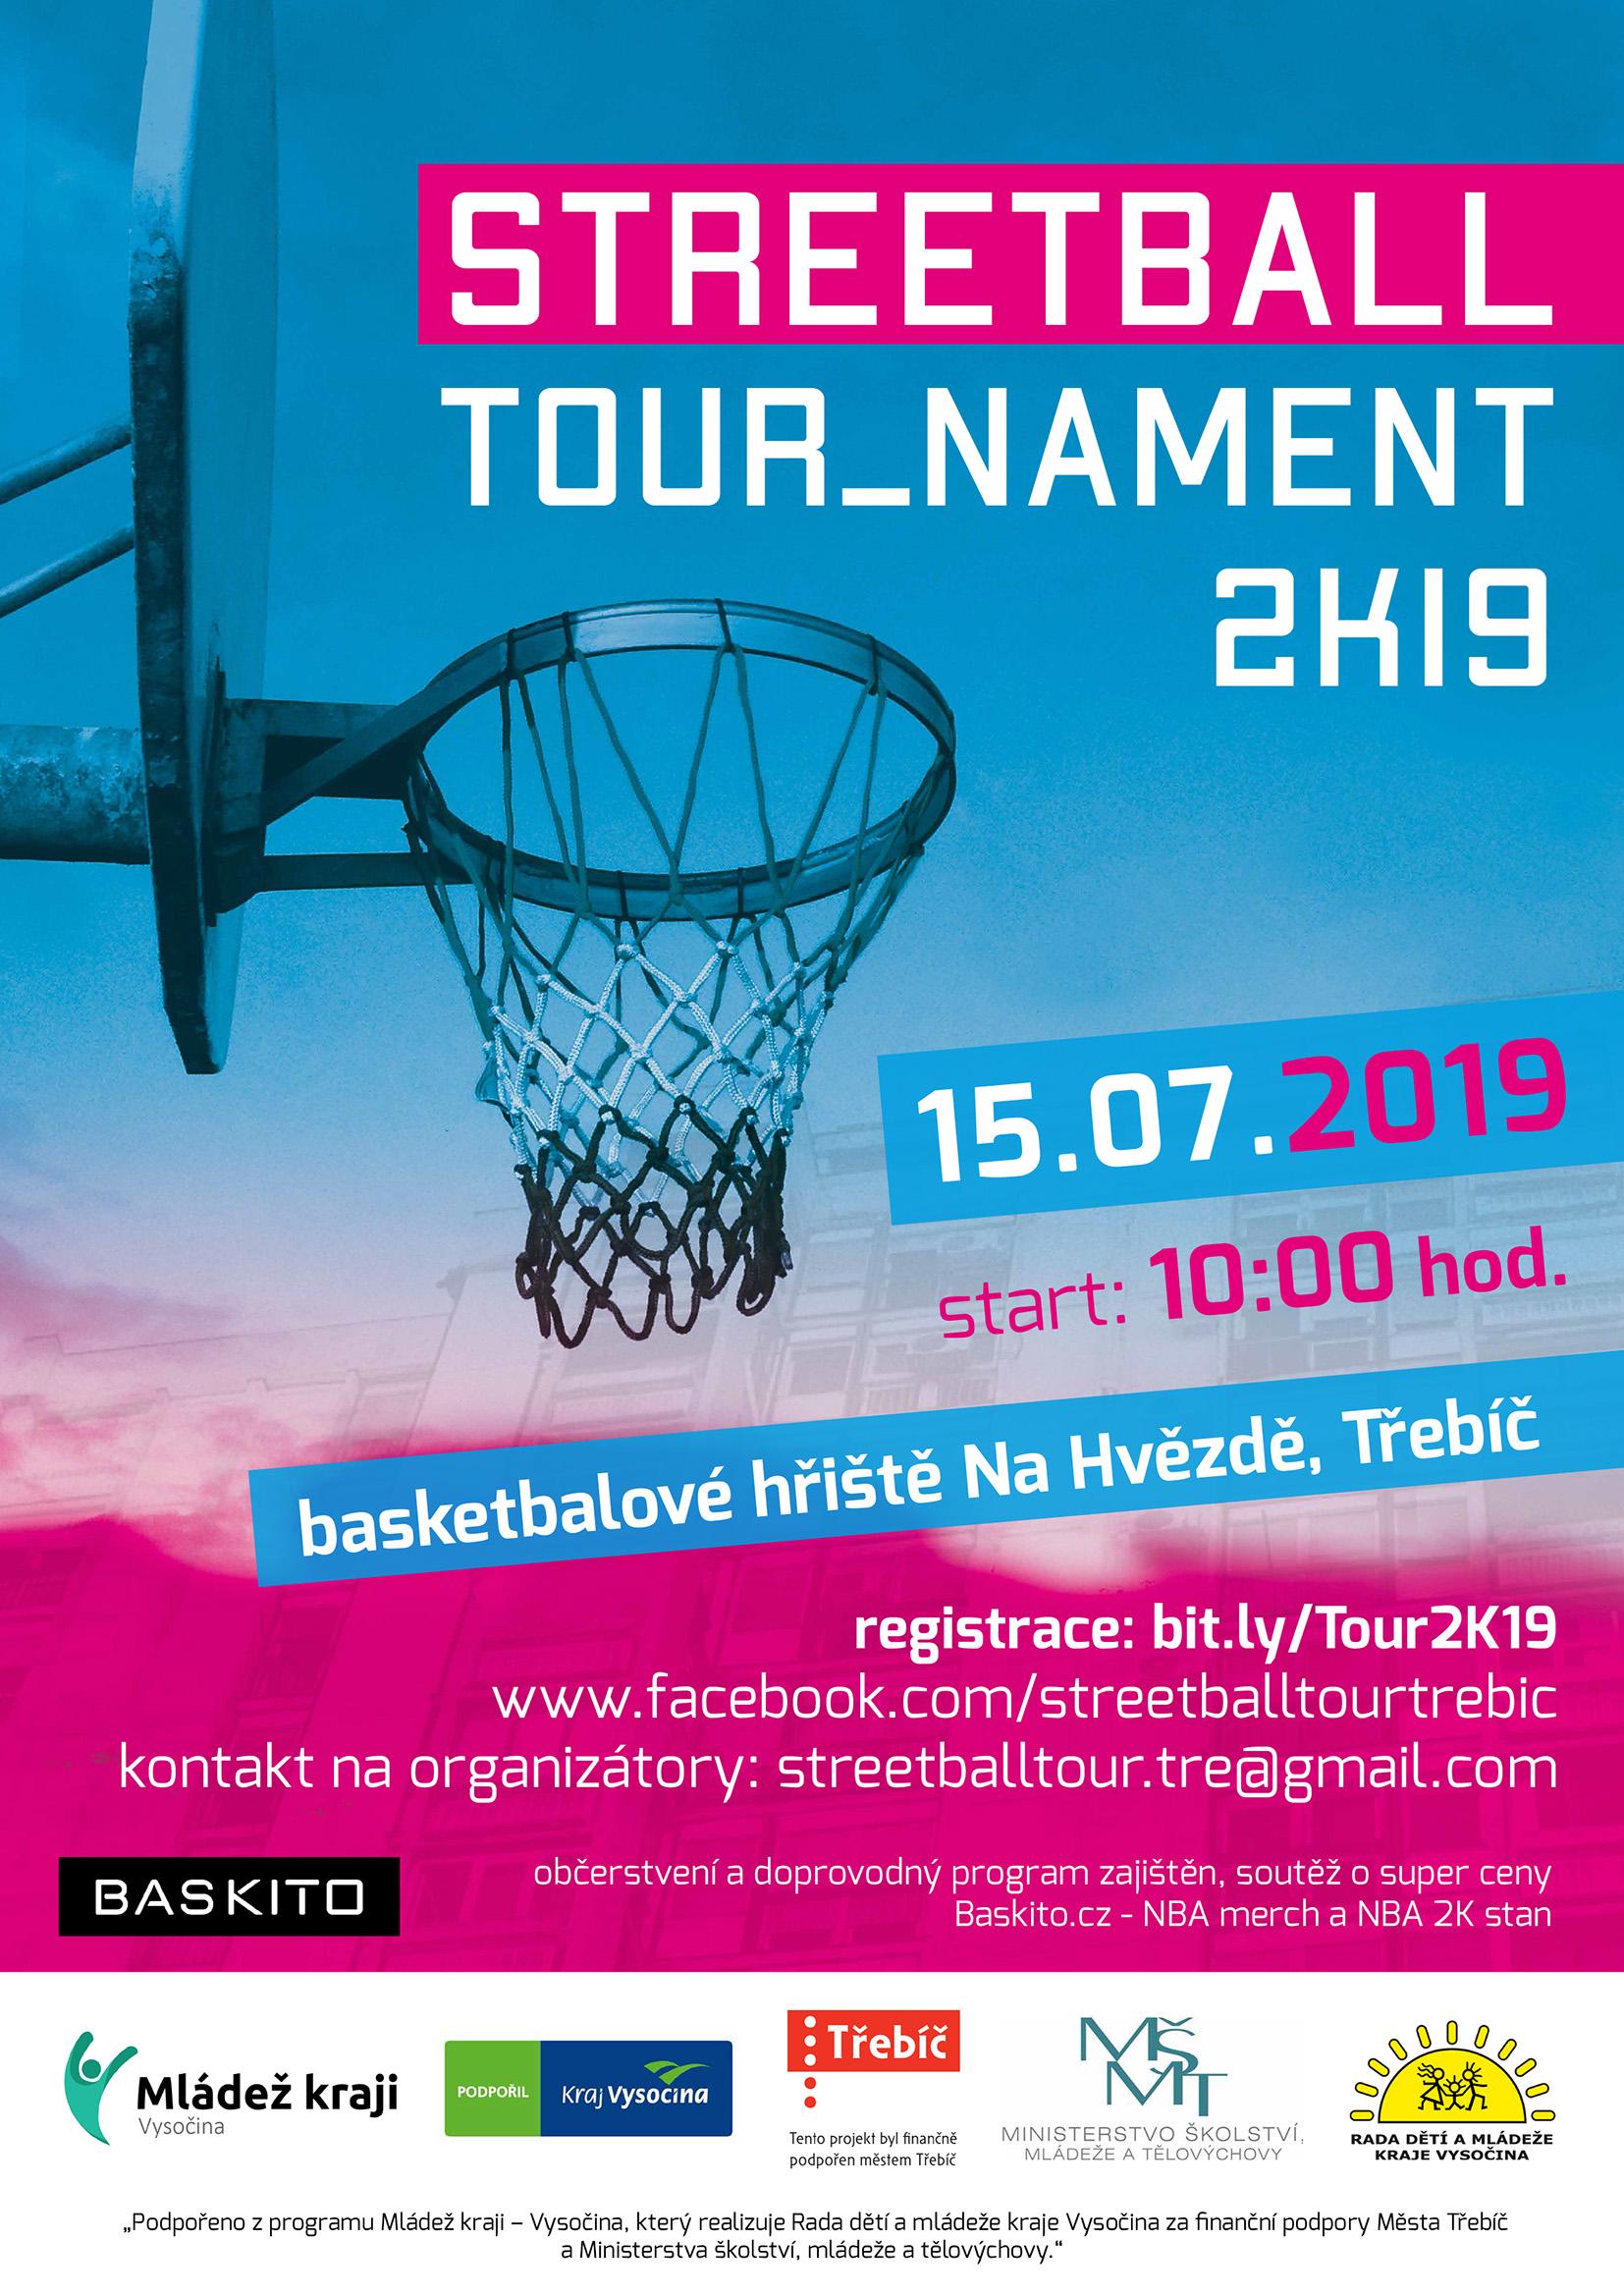 Streetball tour_nament @ basketbalové hřiště Na Hvězdě